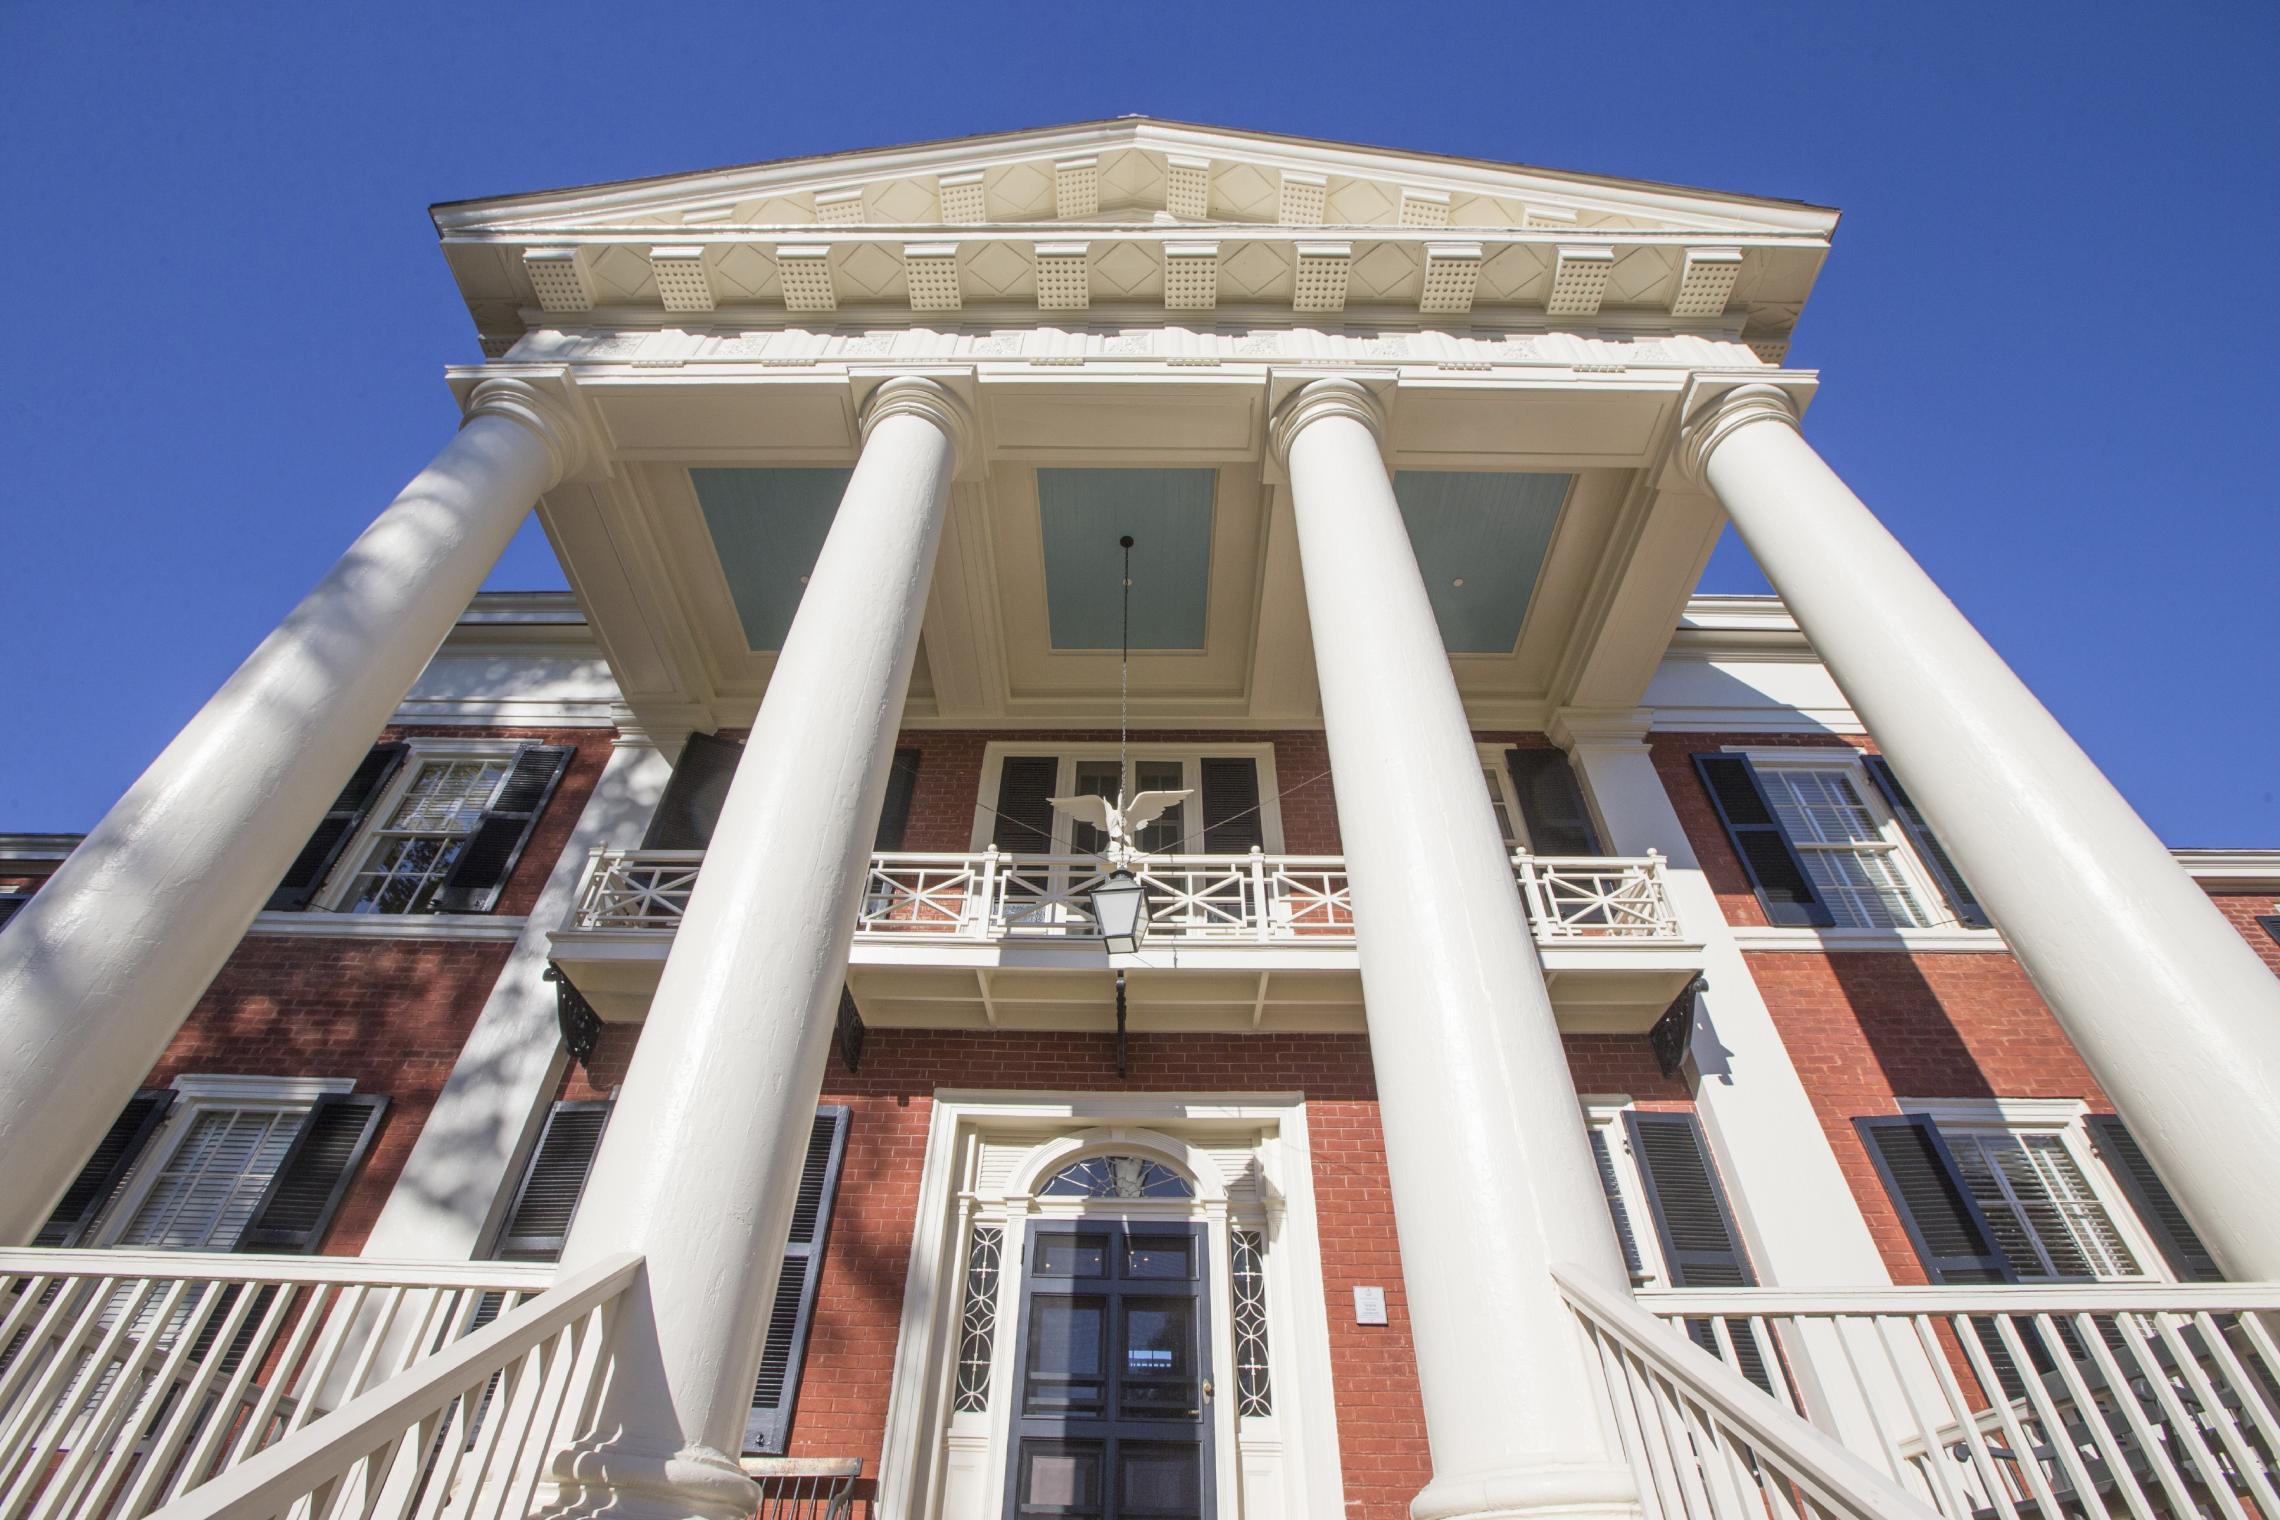 UVA's Miller Center